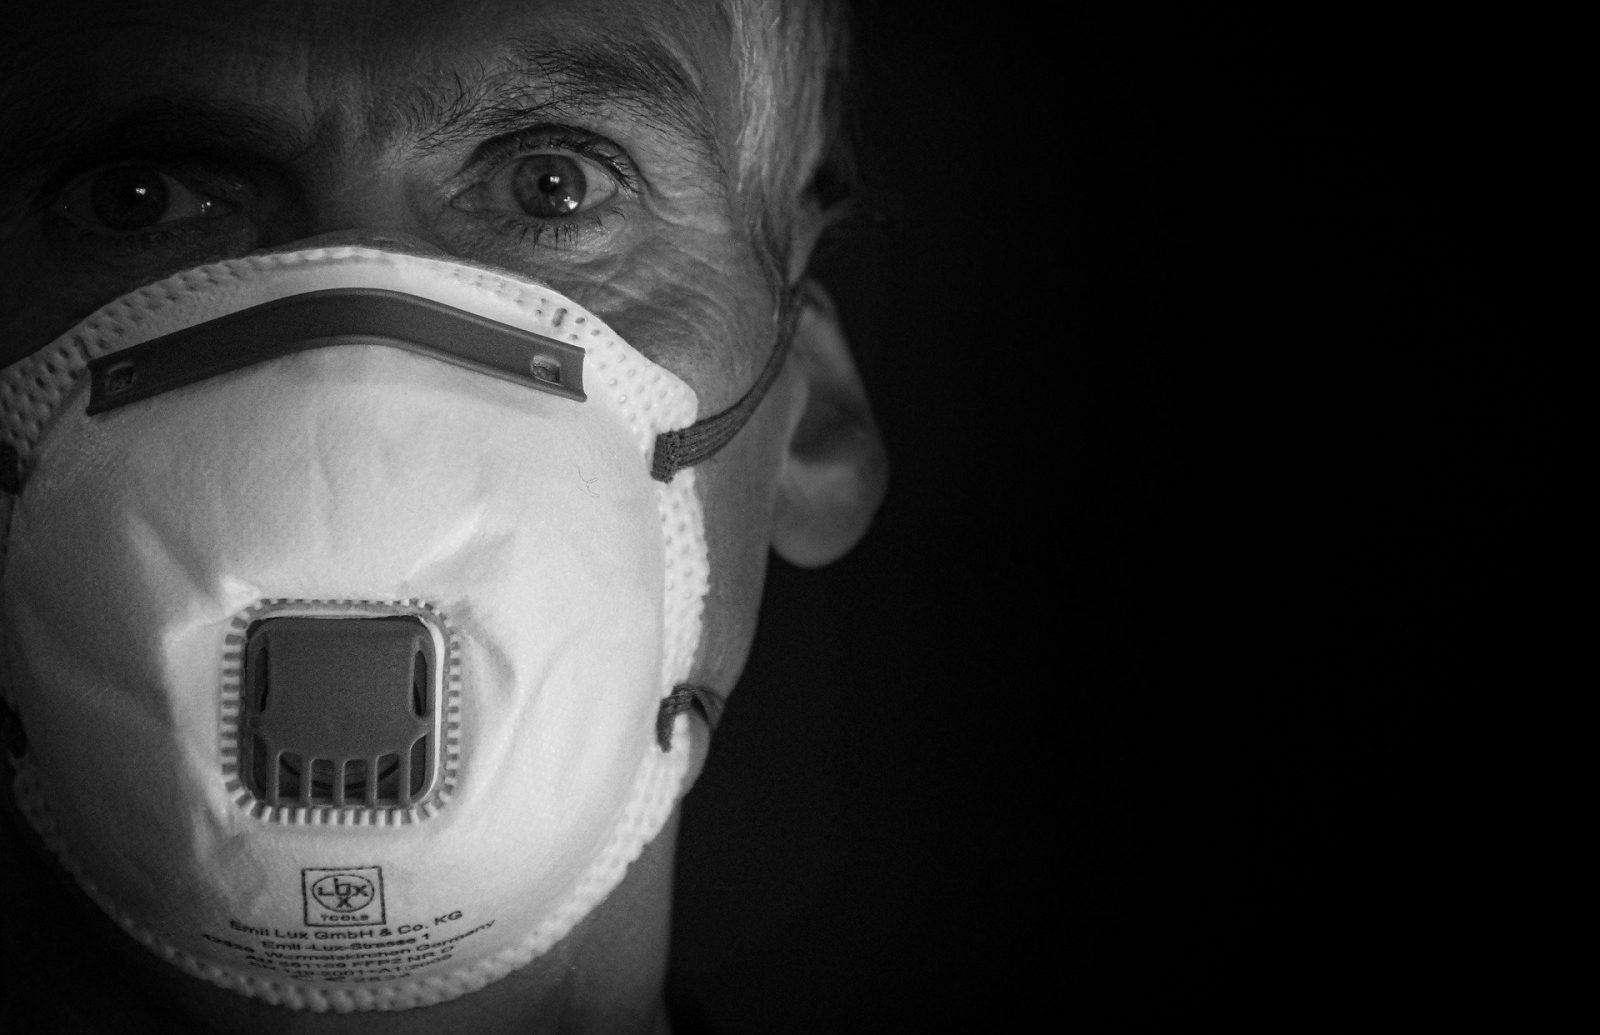 Altamente contagioso, o coronavírus tem aumentado a procura por equipamentos de proteção, dentre os quais destacam-se as máscaras, luvas e óculos, que antes eram utilizados apenas em algumas profissões.